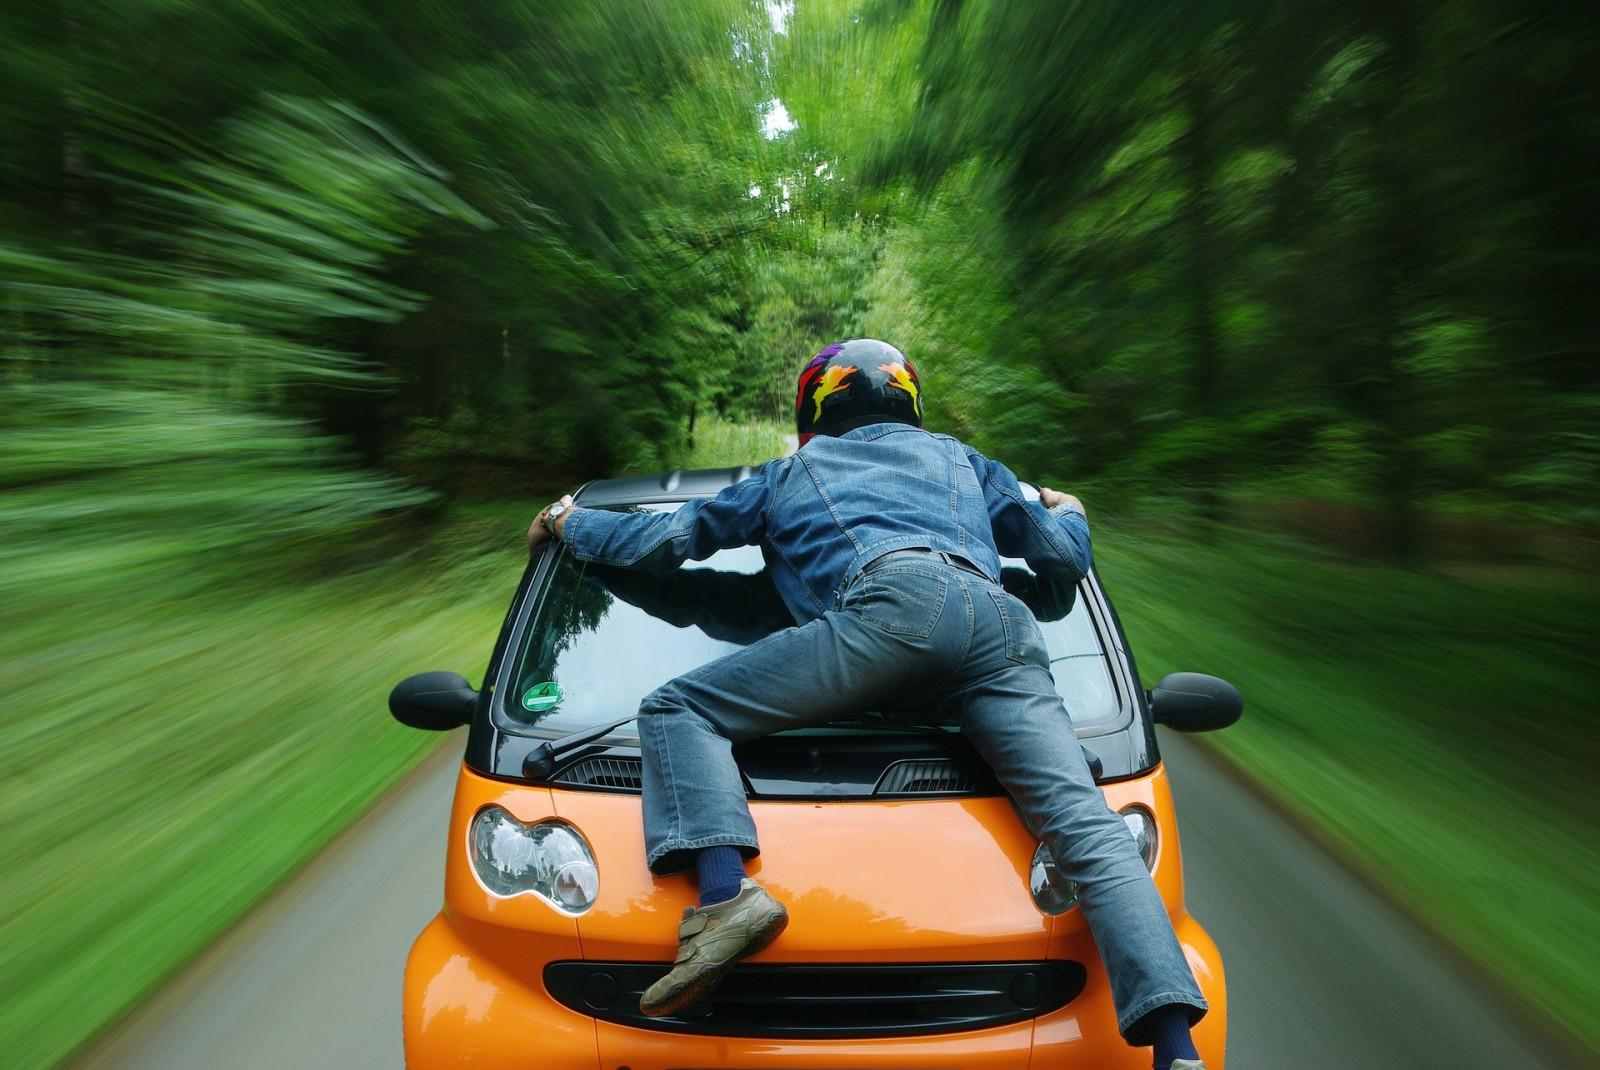 vezetés oktatás baleset